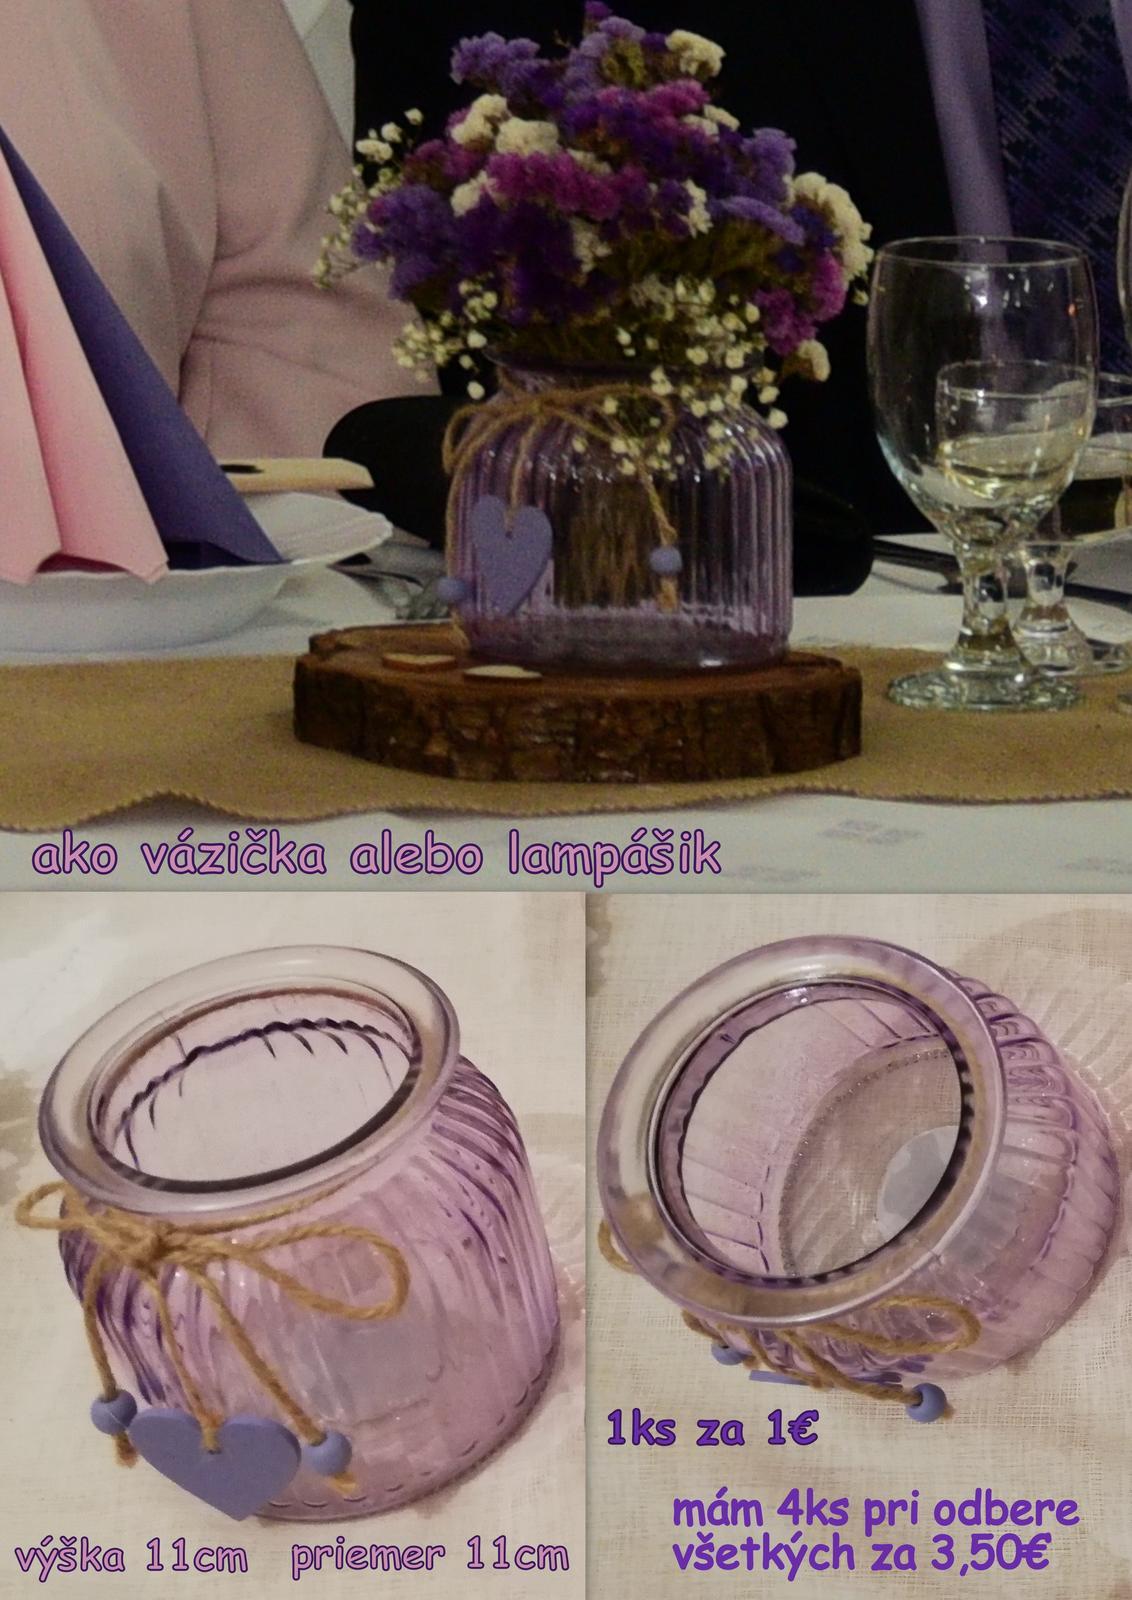 Svadobné dekorácie - fialová, ružová, ivory, juta - komplet - Obrázok č. 1